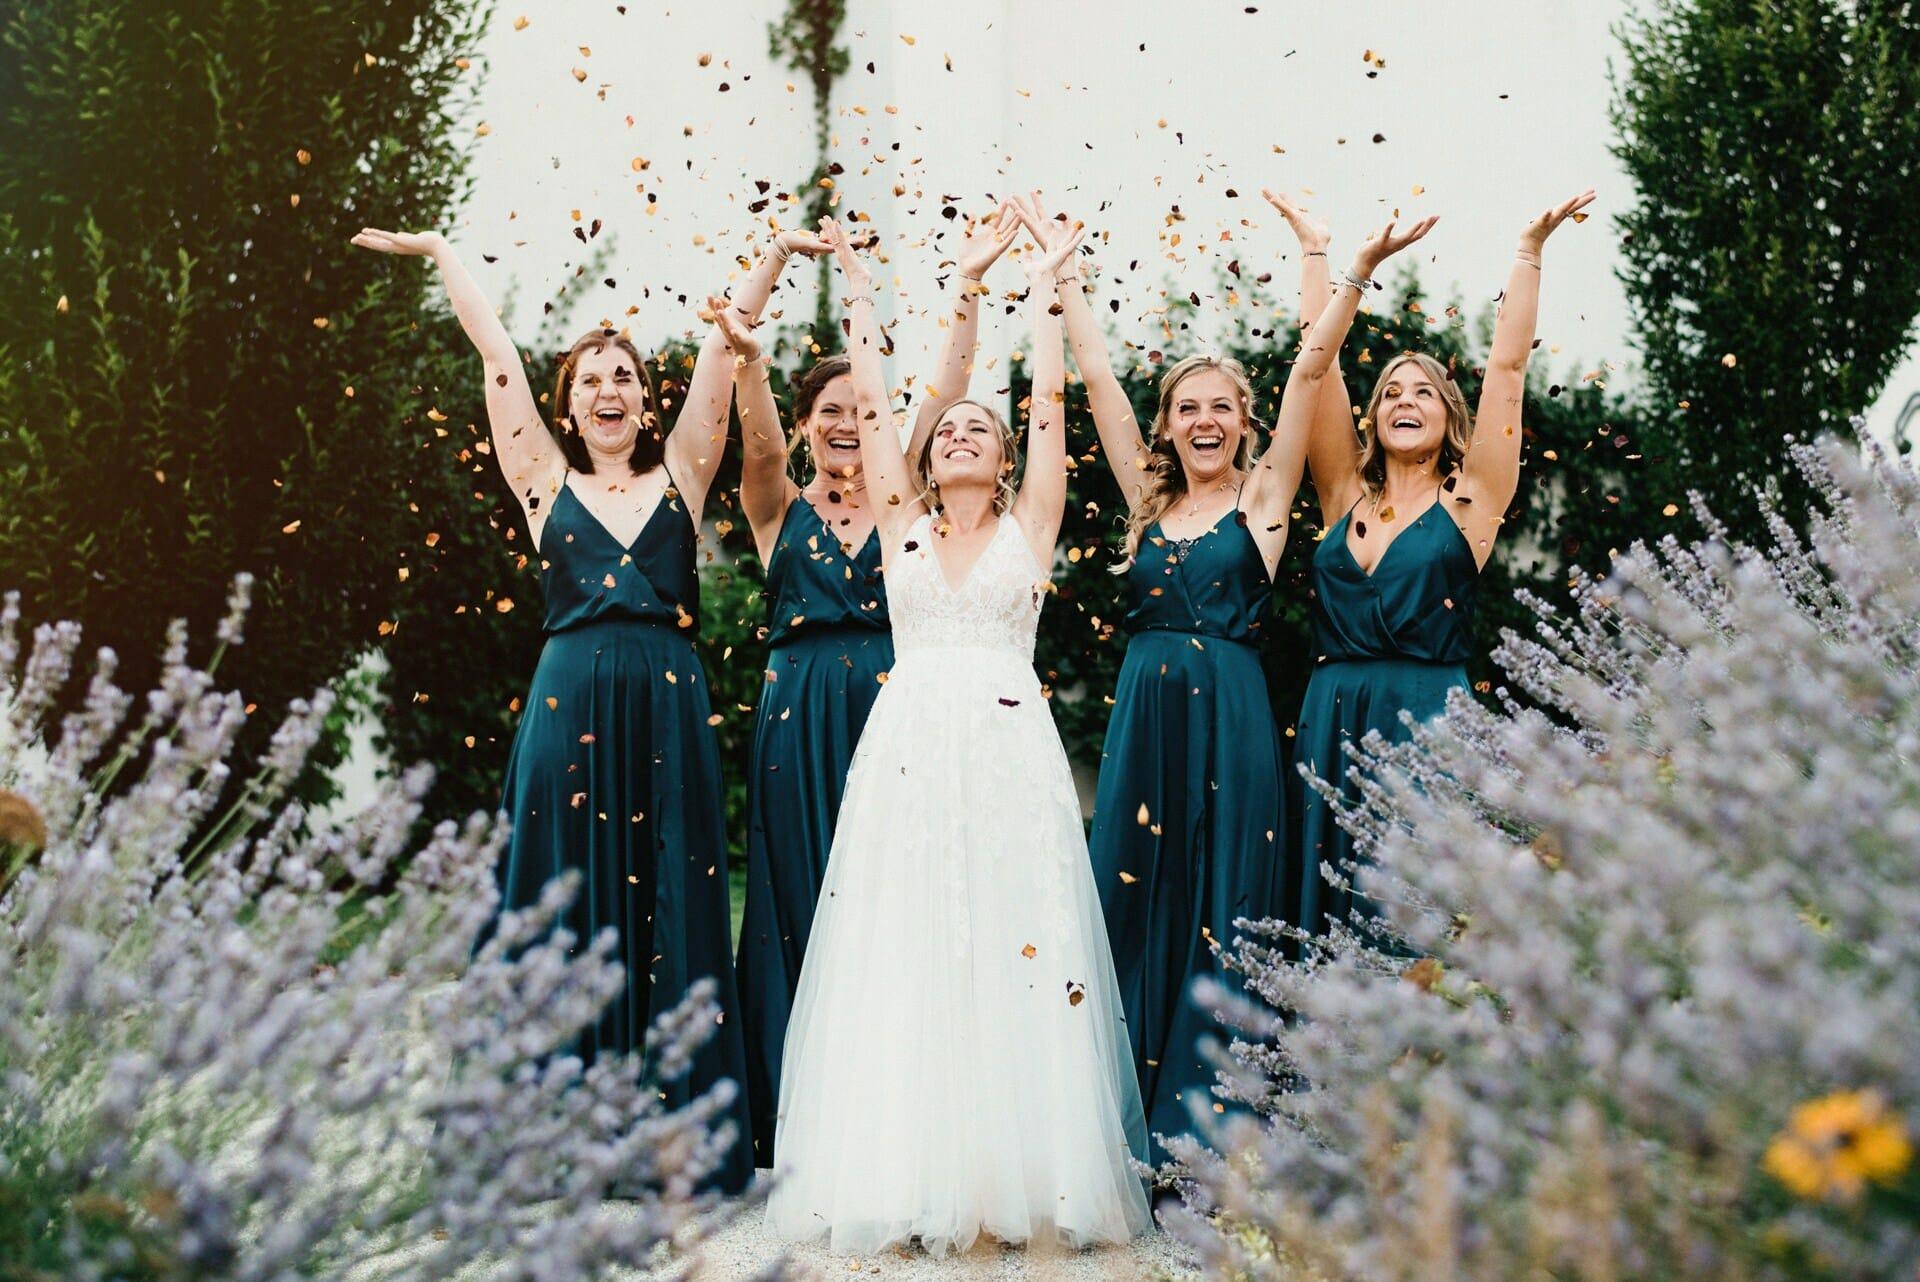 Braut mit ihren Brautjungfern wirft Blüten in die Luft und alle haben eine Freude